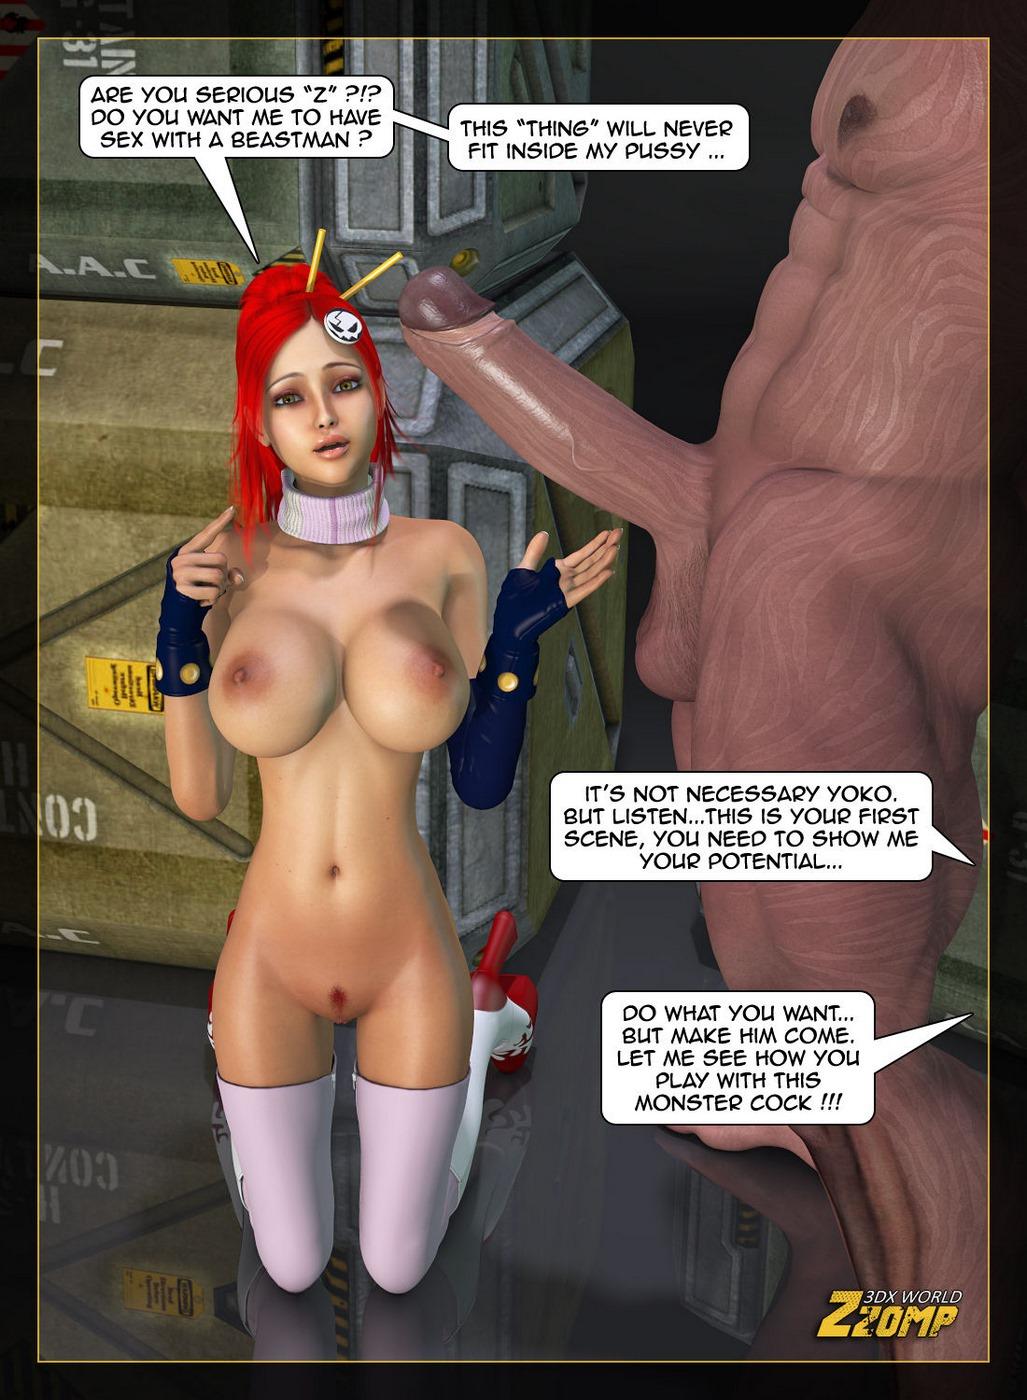 Beastman 3D Porn zzomp 3dx- introducing yoko porn comics 8 muses